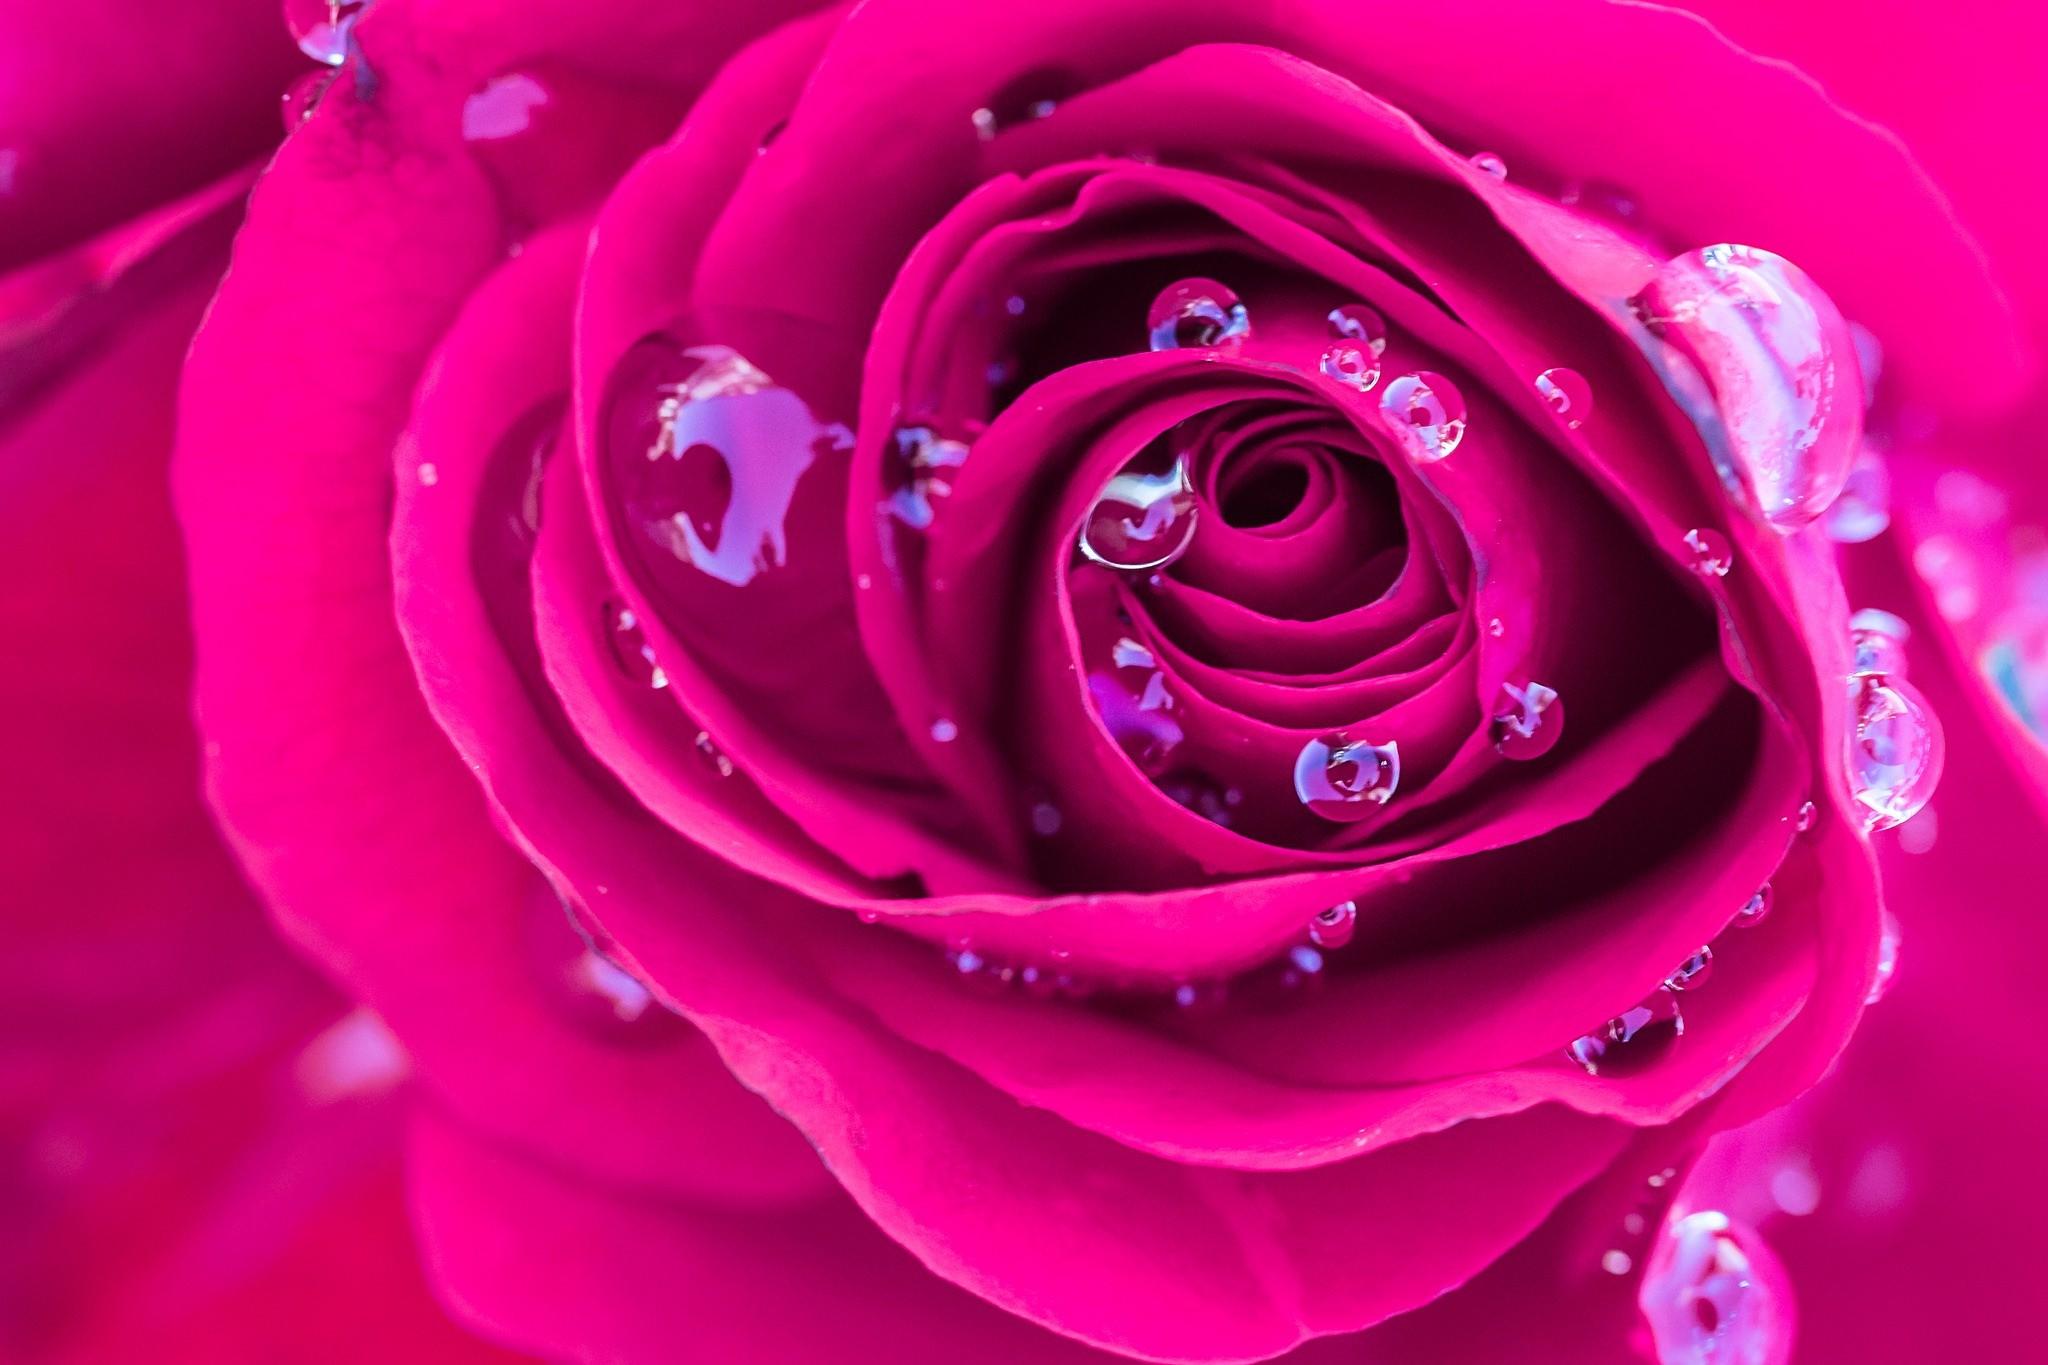 デスクトップ壁紙 フラワーズ 赤 紫の 水滴 ピンク 露 工場